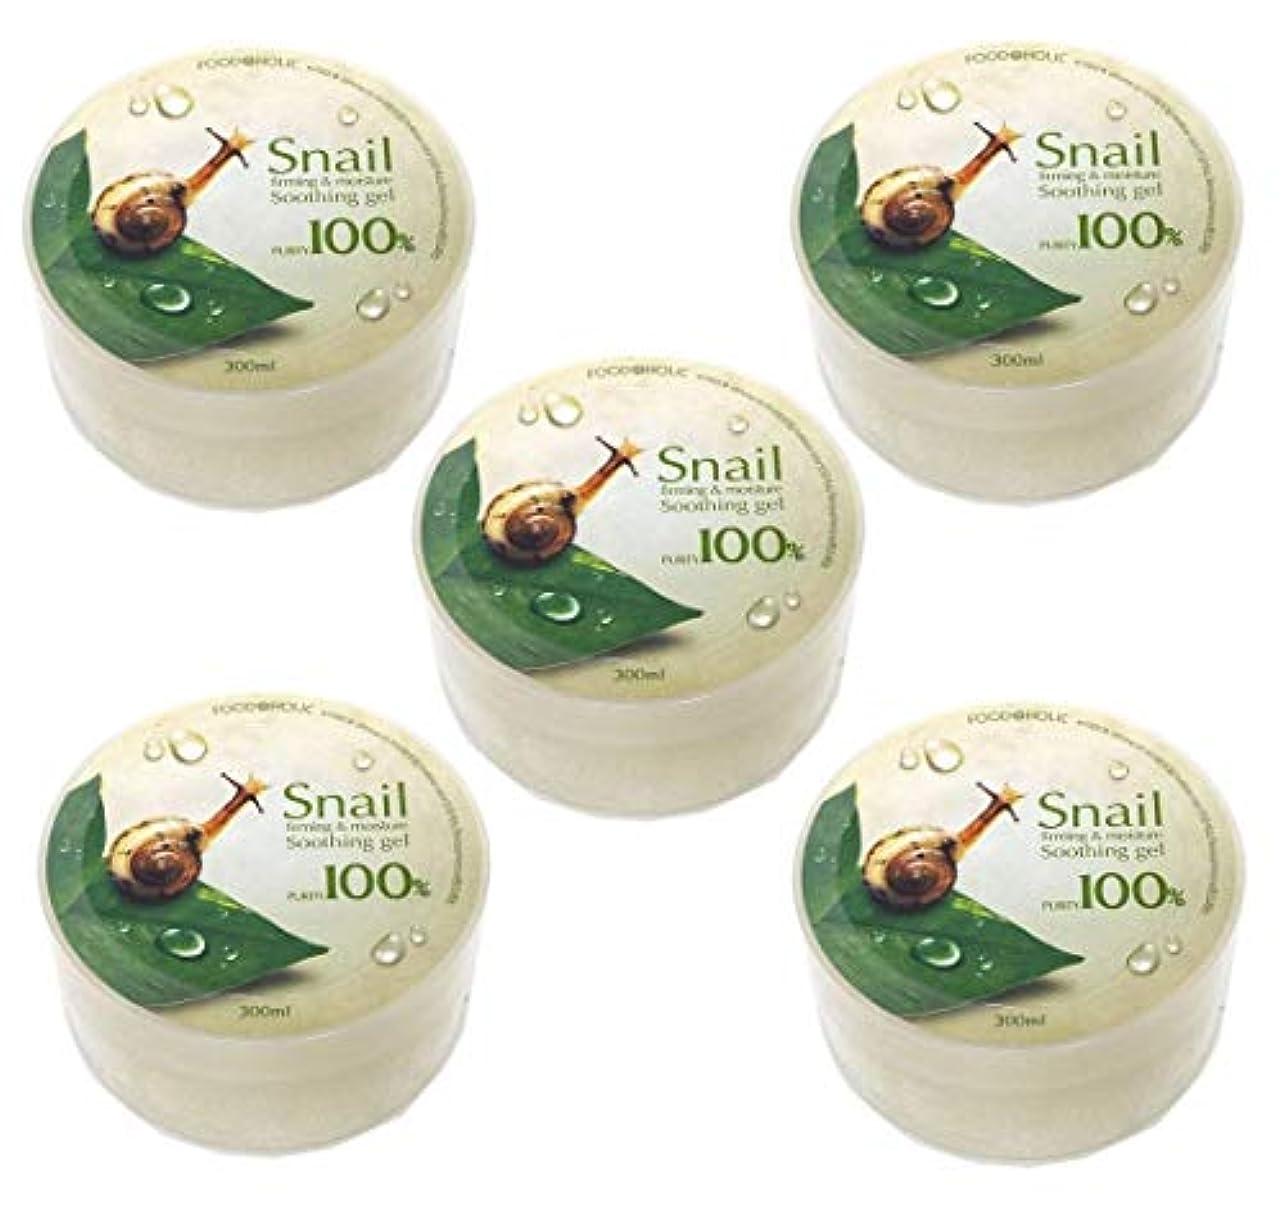 探す文明化主[Food A Holic] スネイルファーミング&水分スージングジェル300ml X 5ea / Snail Firming & moisture Soothing Gel 300ml X 5ea / 純度97% /...